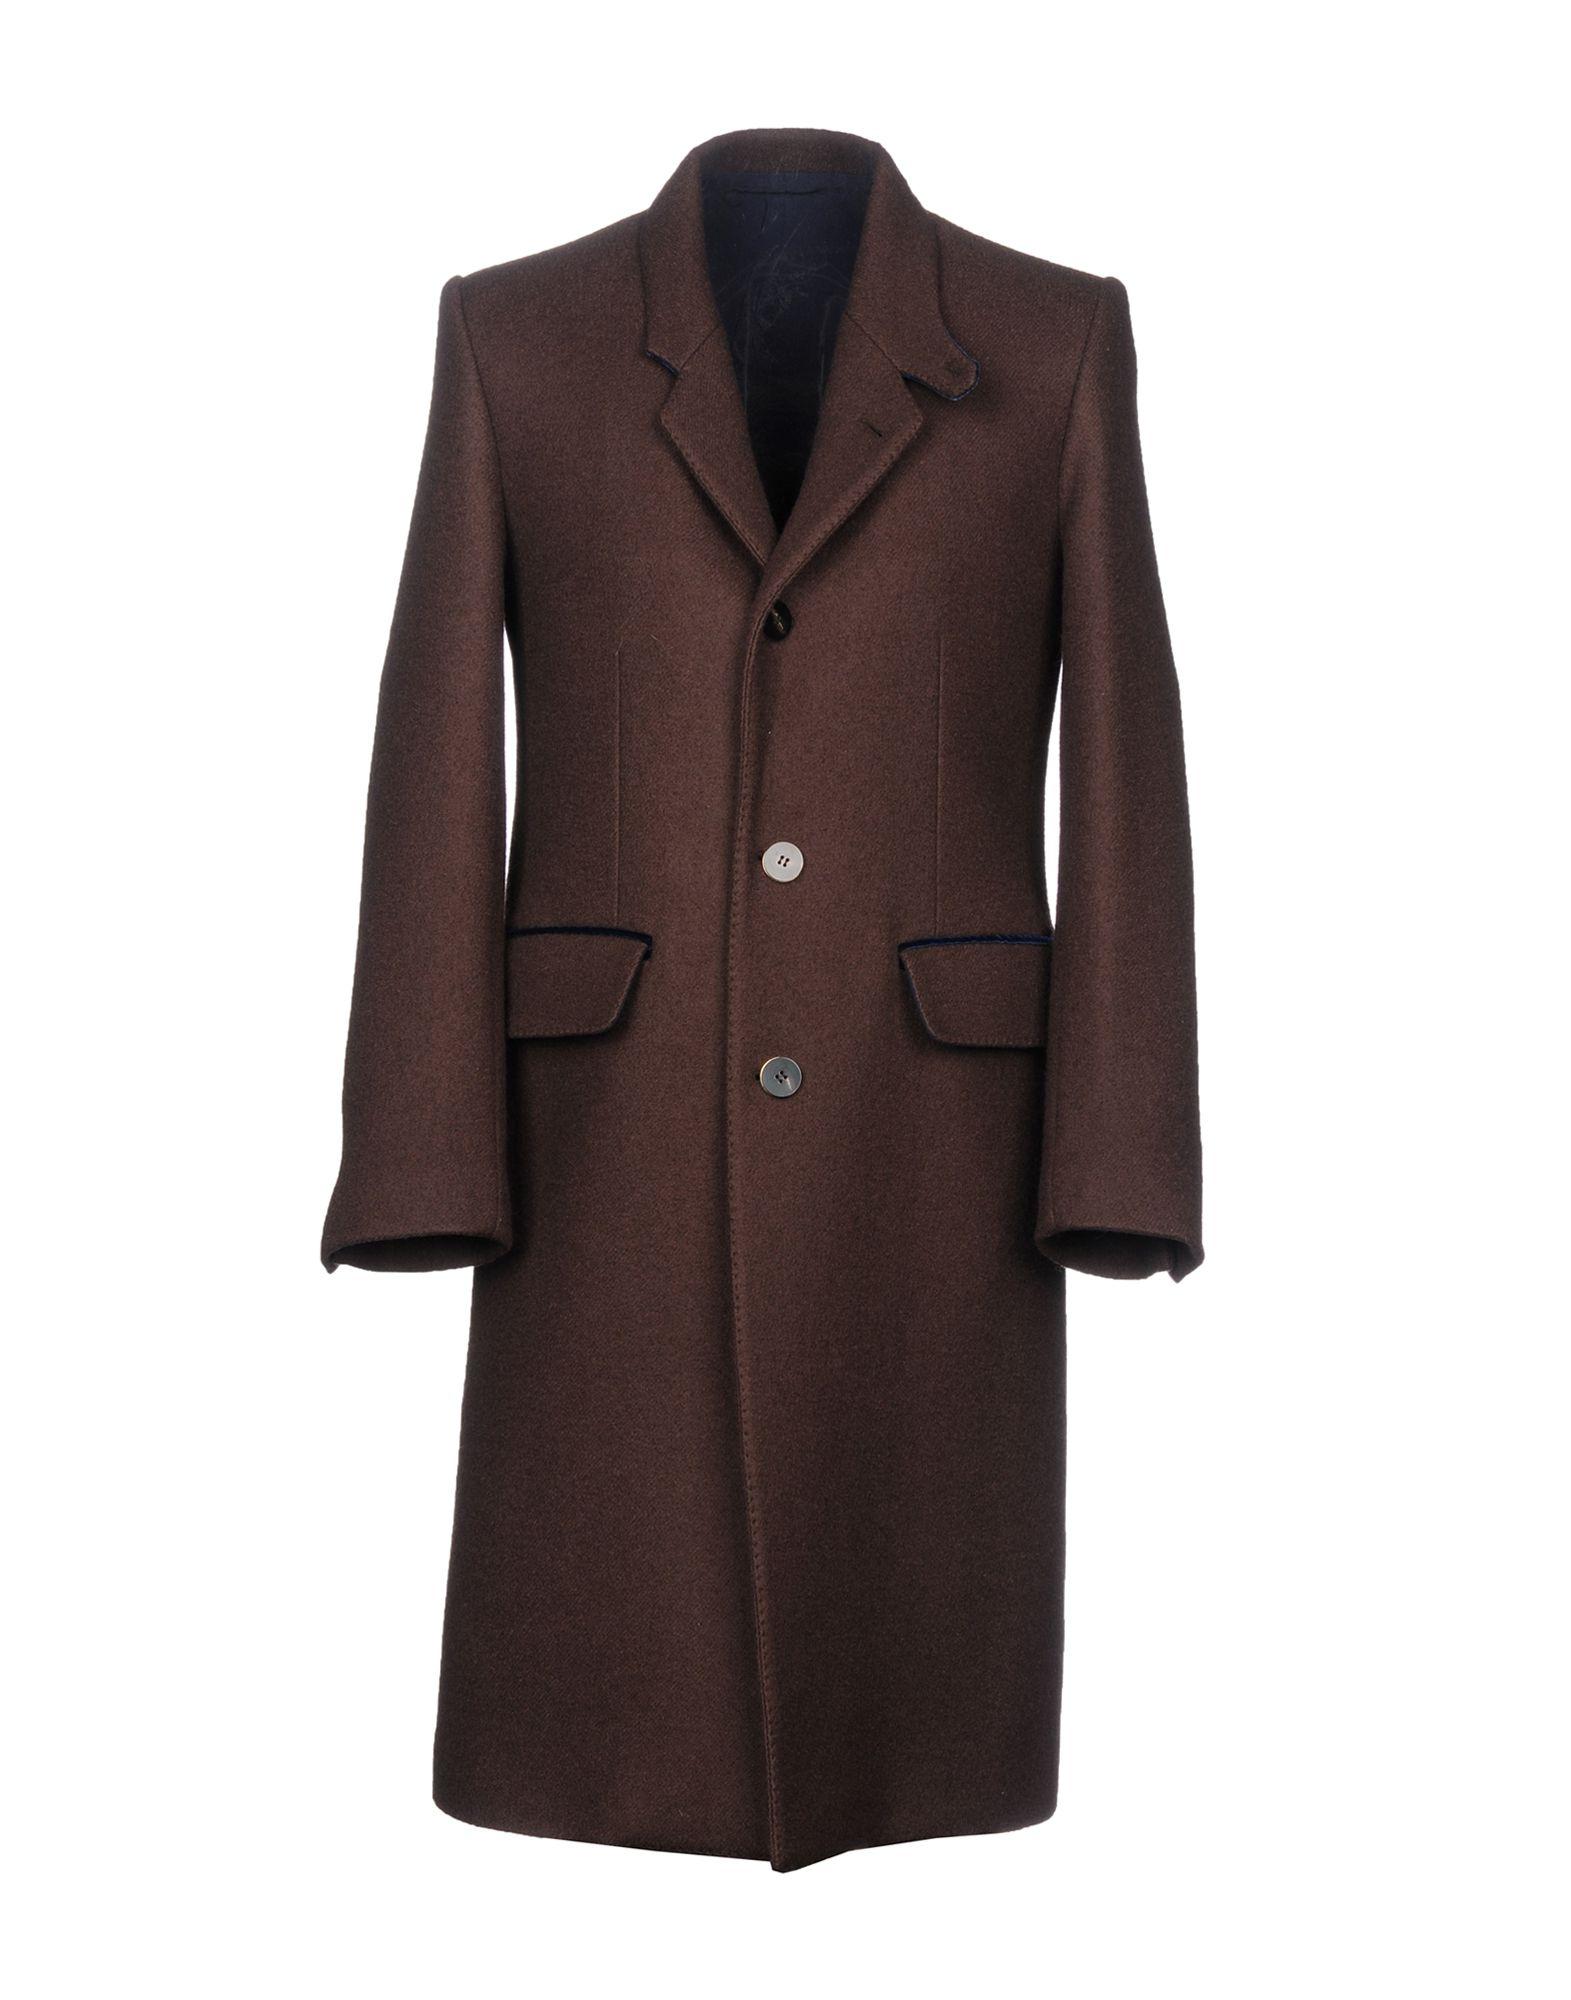 UMIT BENAN Coat in Cocoa